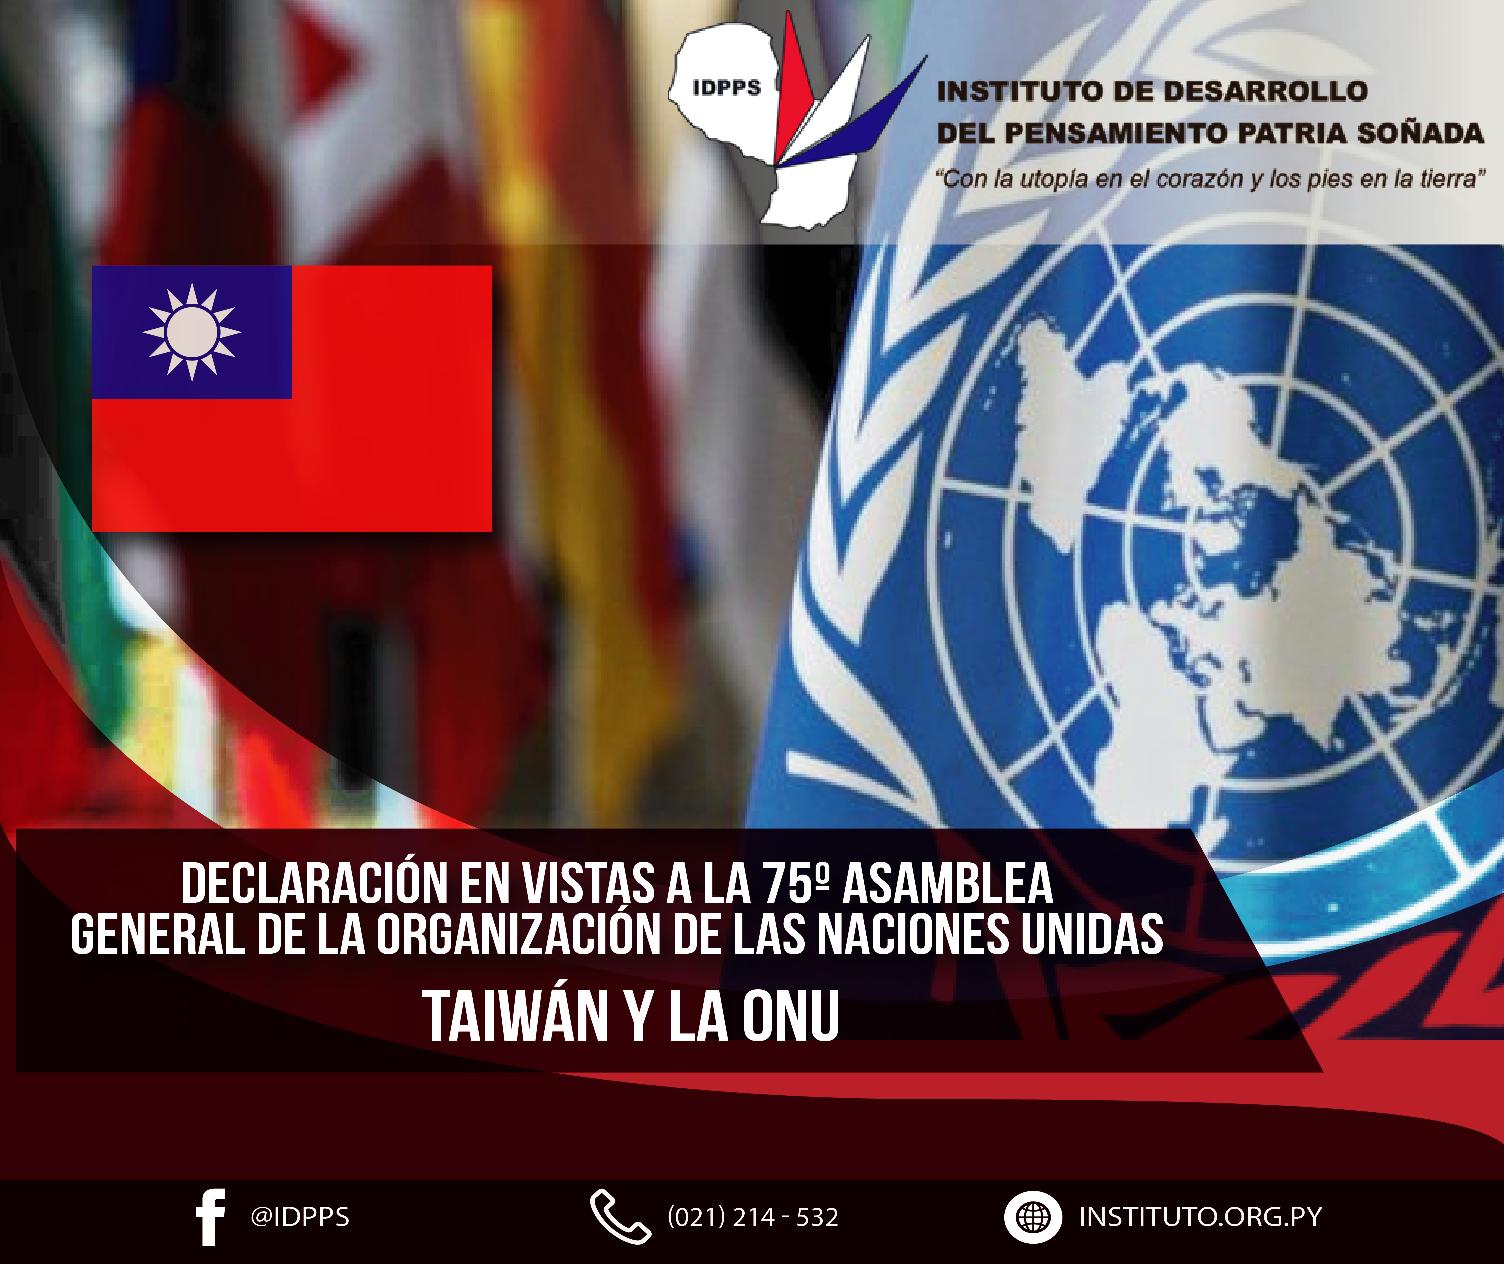 Declaración en Vistas a la 75º Asamblea General de la Organización de las Naciones Unidas